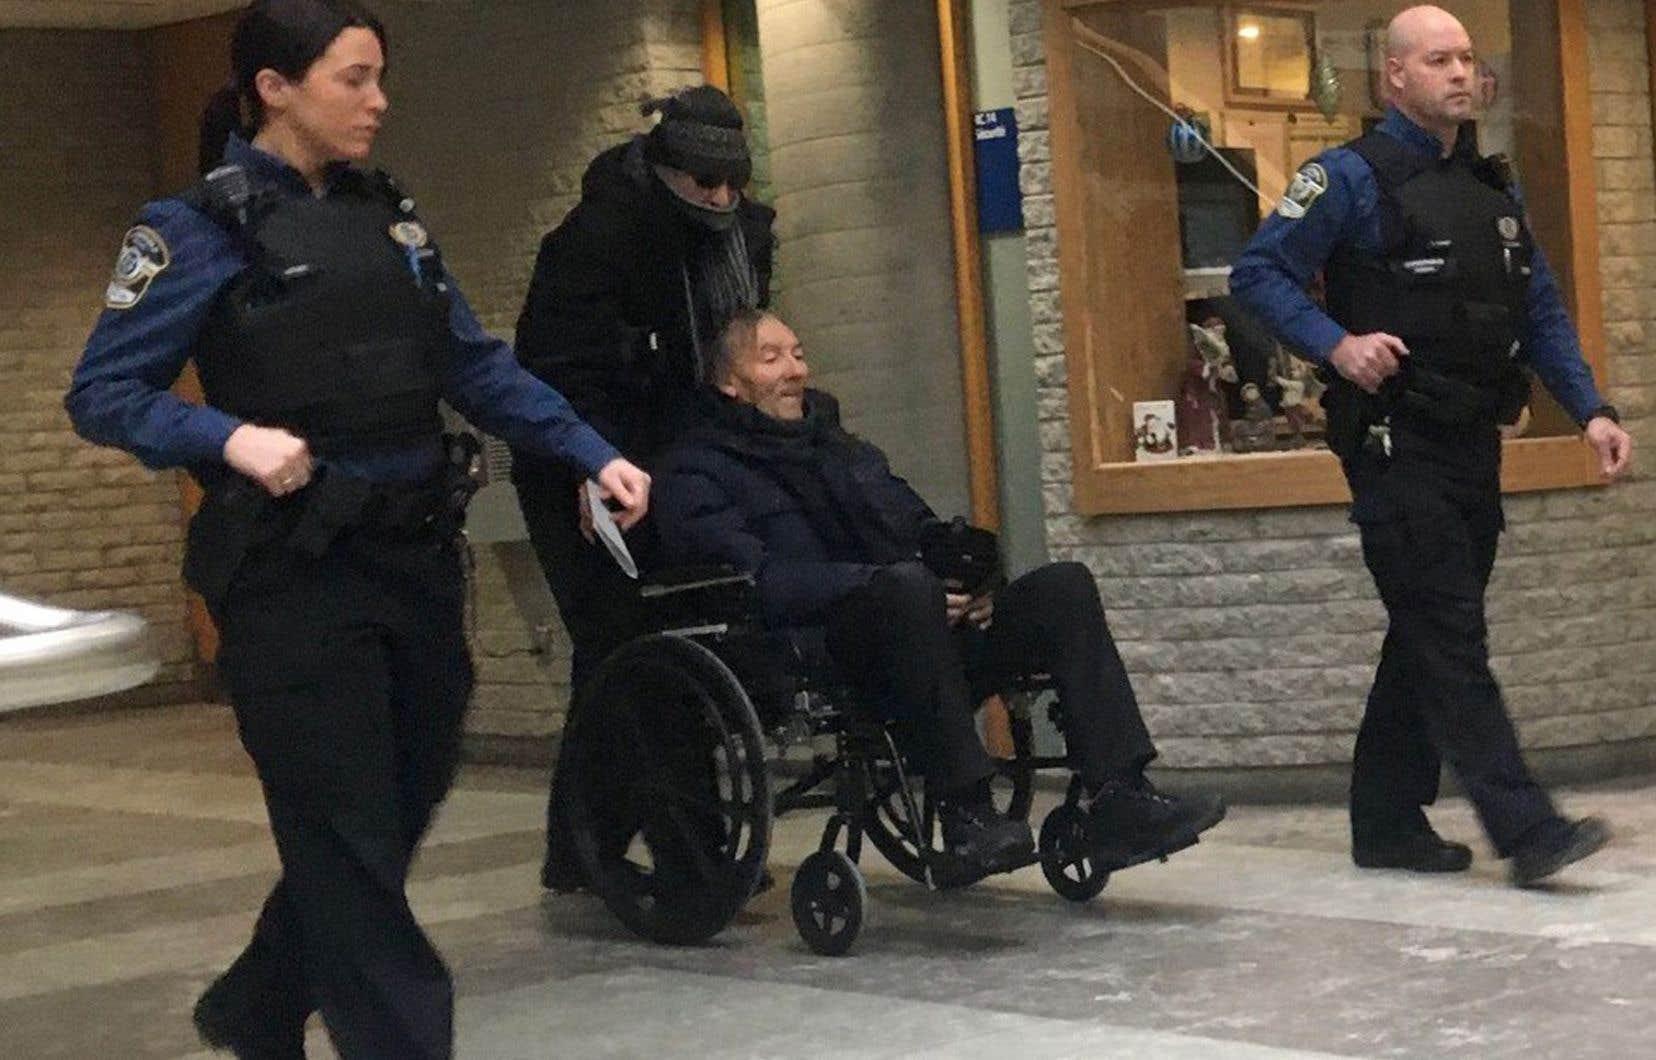 François Lamarre était apparu pâle et frêle, dans un fauteuil roulant poussé par son frère, lors de sa comparution le 19 décembre 2019.